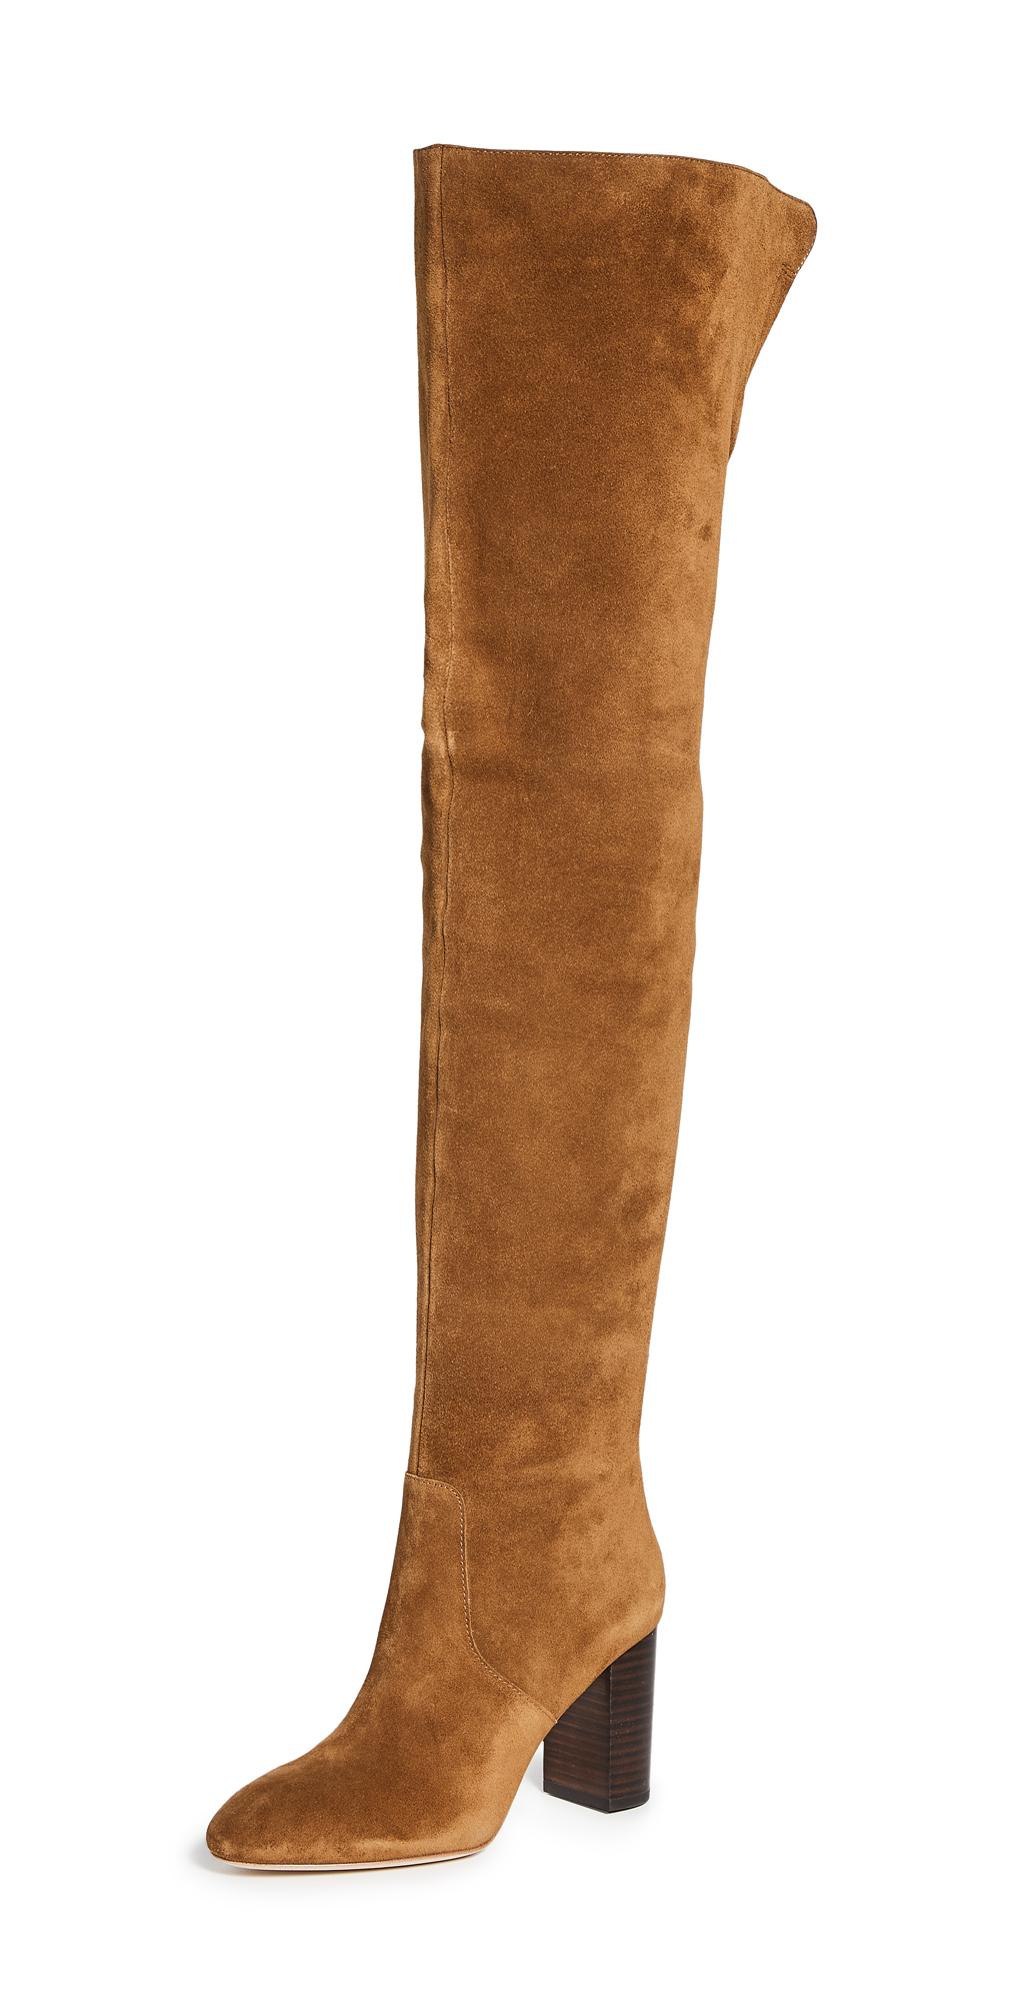 Loeffler Randall Gianna Boots